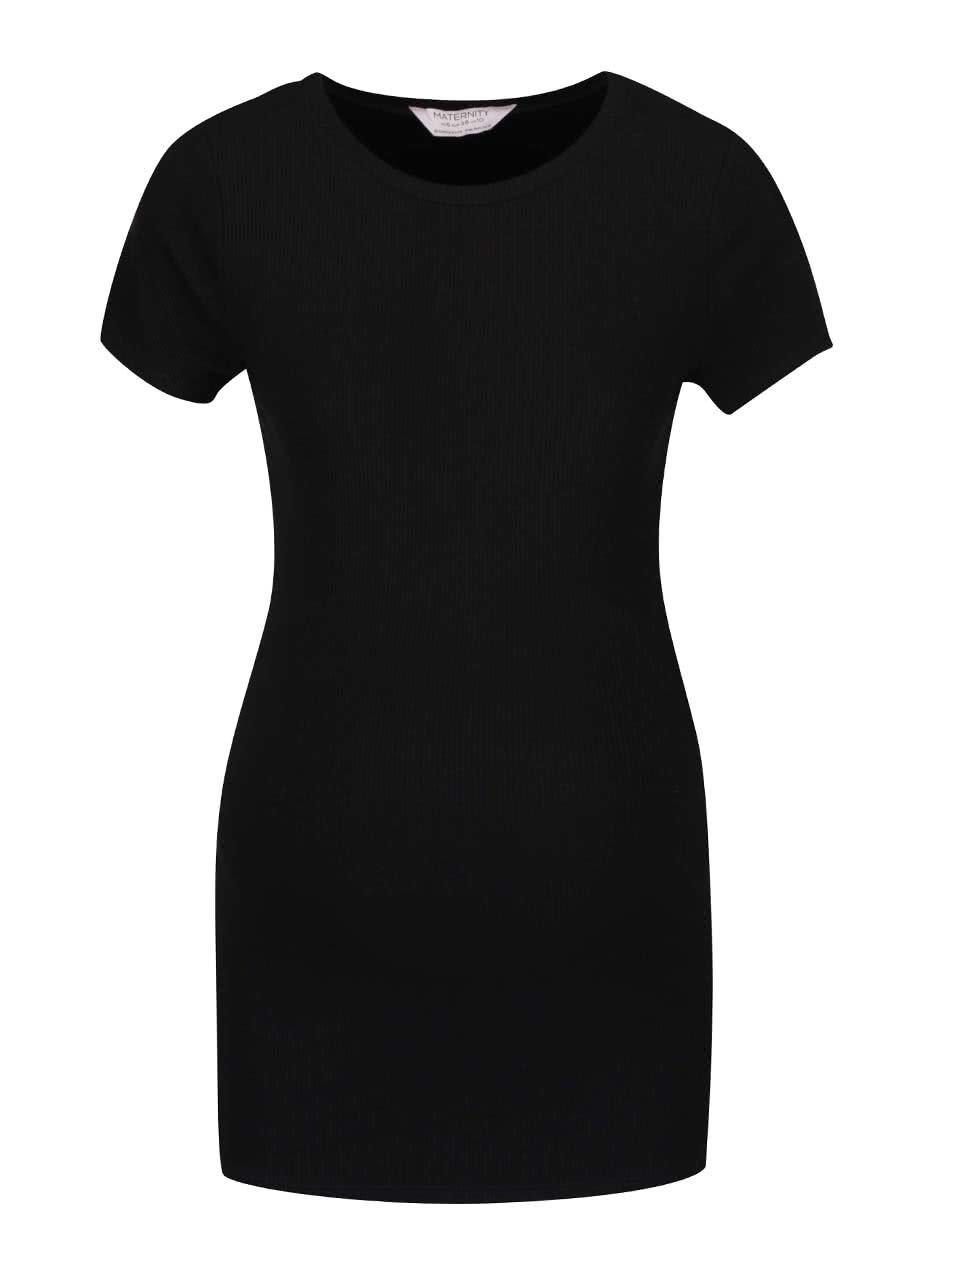 Černé žebrované těhotenské tričko Dorothy Perkins Maternity